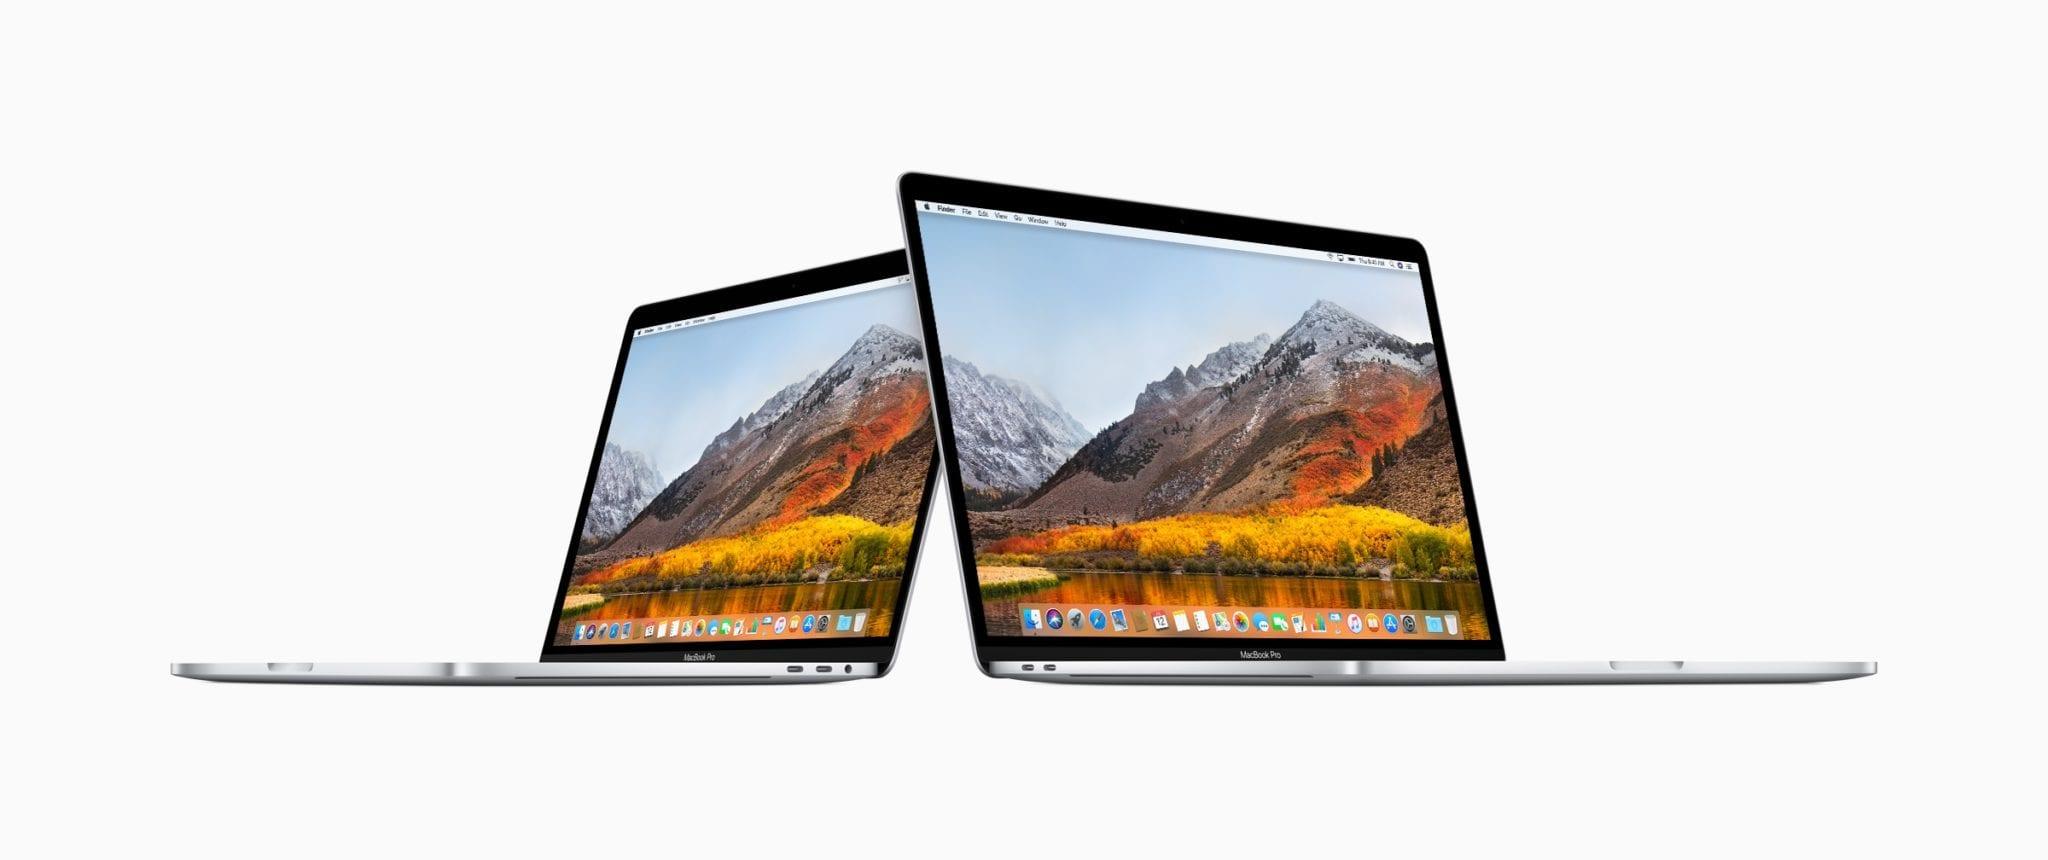 Apple MacBook Pro update 13in 15in 07122018 - Obmedzovanie rýchlosti na novom MacBooku Pro s Core i9 je bug, Apple vydal opravný patch